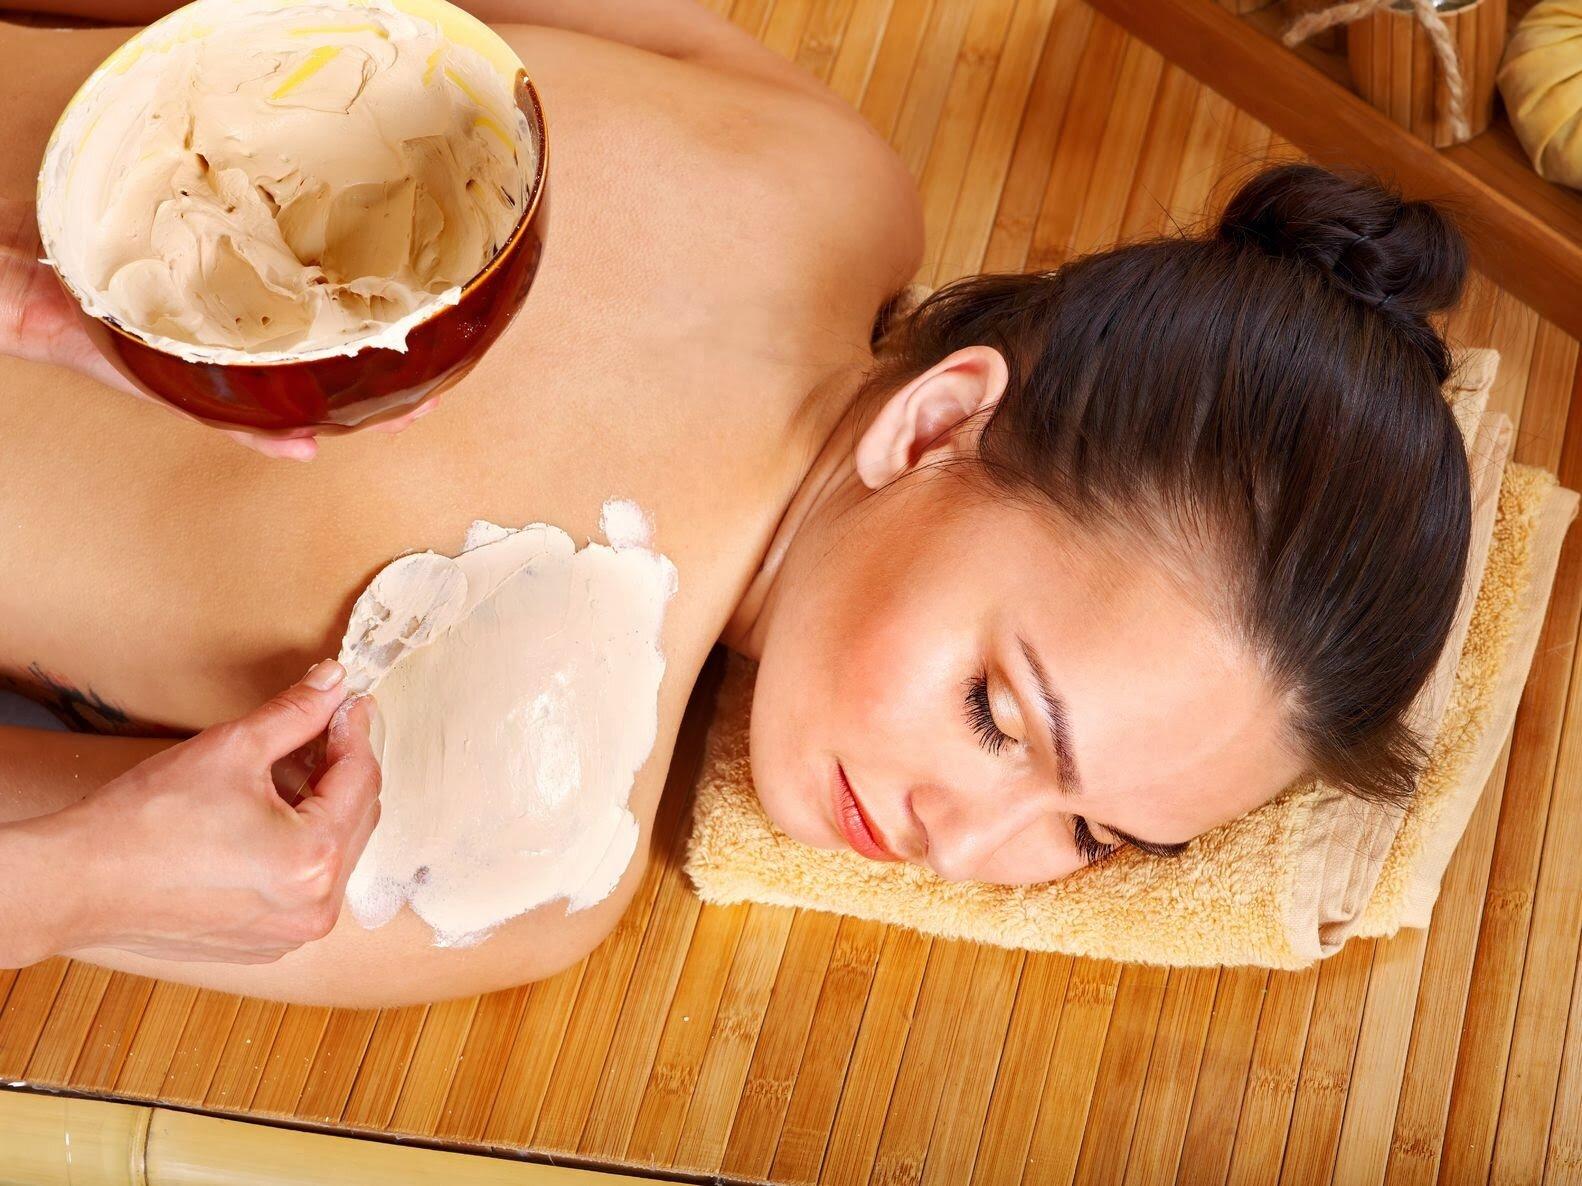 Phương pháp tắm trắng bằng sữa non và cám gạo